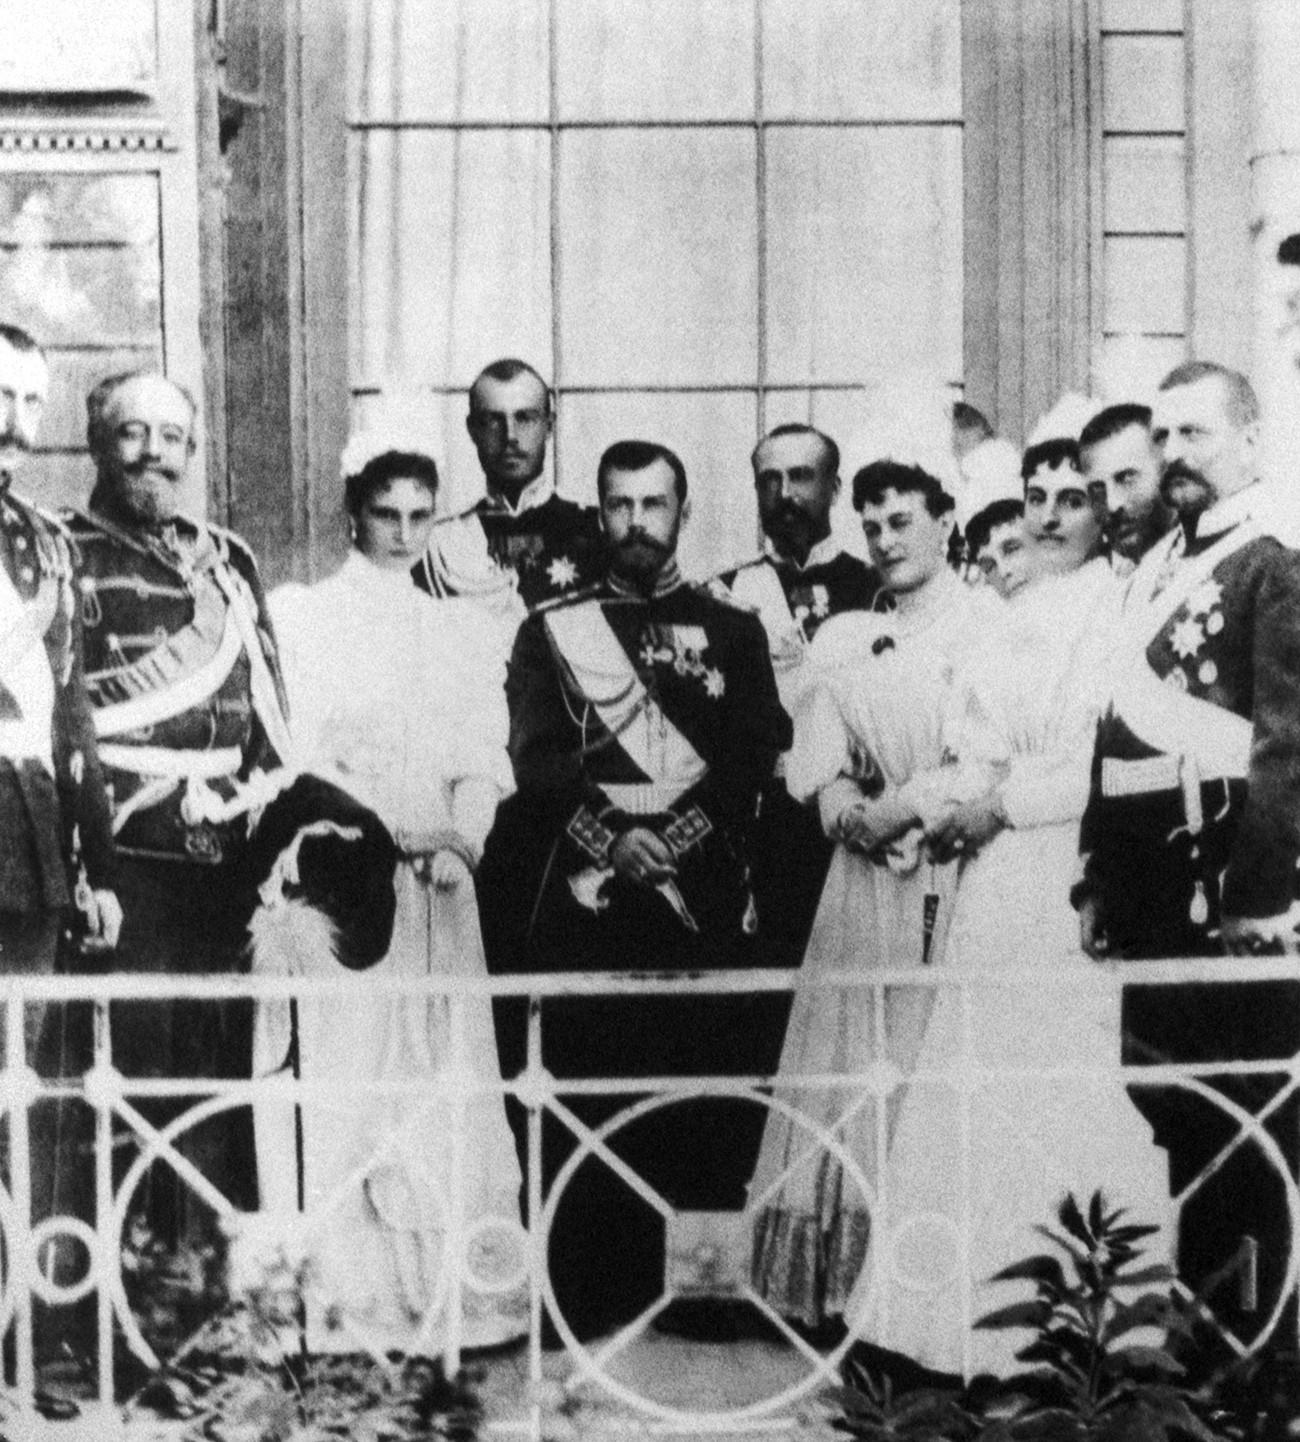 Livadia, Krimea, Kekaisaran Rusia. Tsar Nikolay II (tengah) dan keluarganya di balkon Istana Livadia.